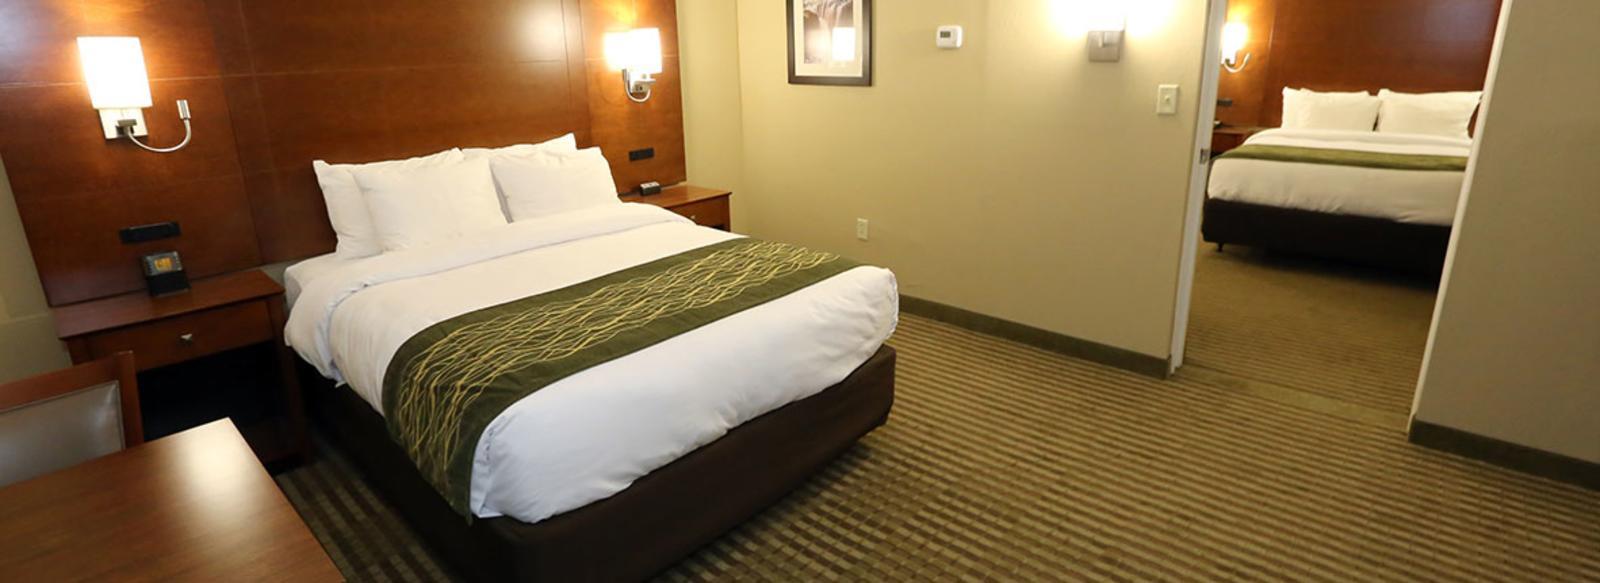 Comfort Inn Hammond